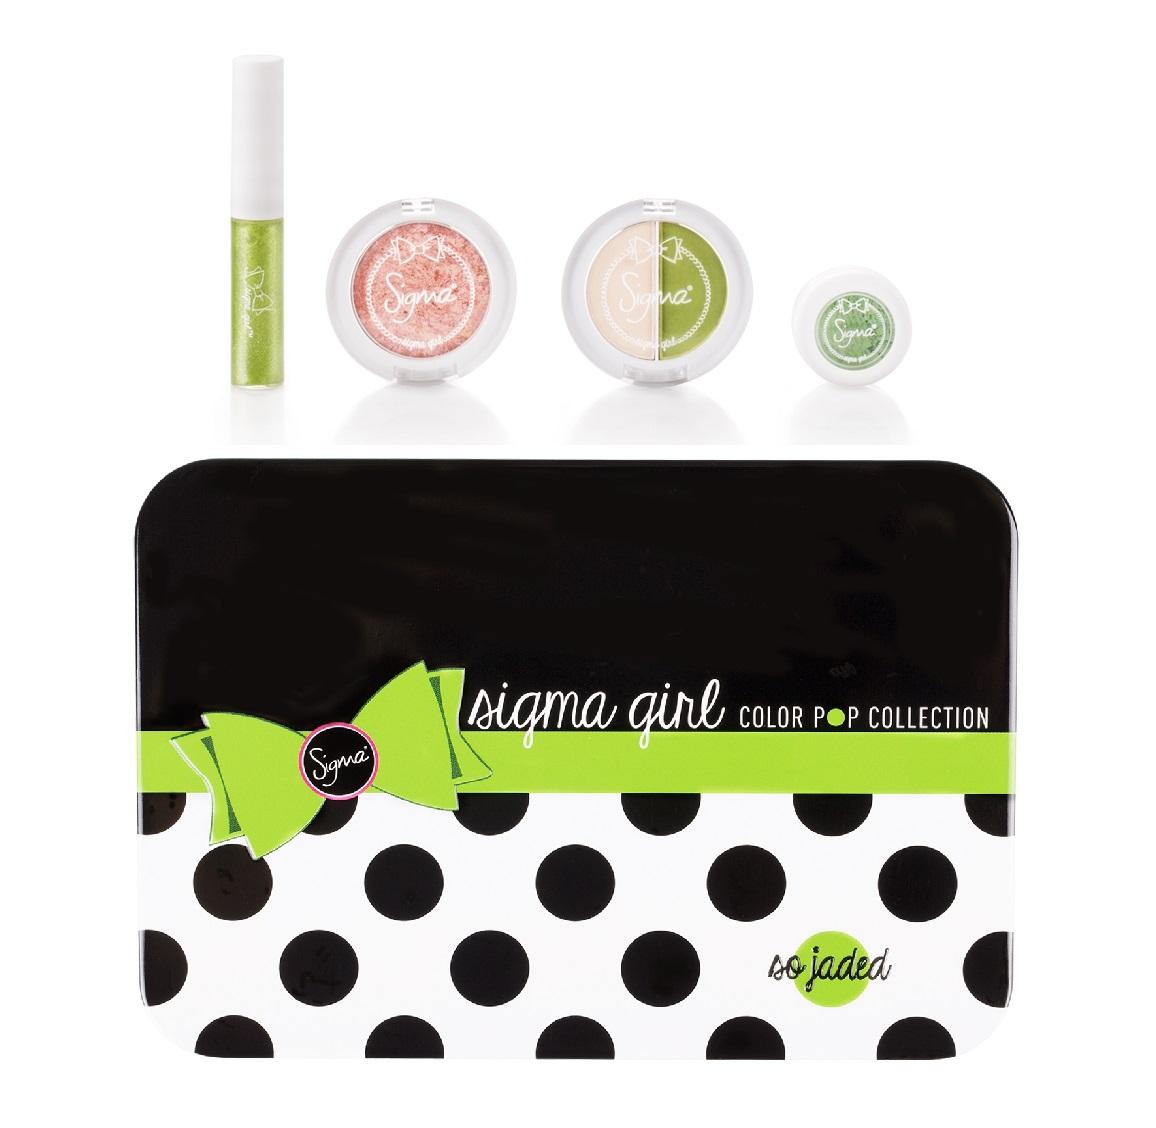 ลด 20 % SIGMA :: Color Pop Makeup Kit - So Jaded ชุดแต่งหน้า สีสันสดใส So Jaded คอเล็คชั่นใหม่จาก Sigma